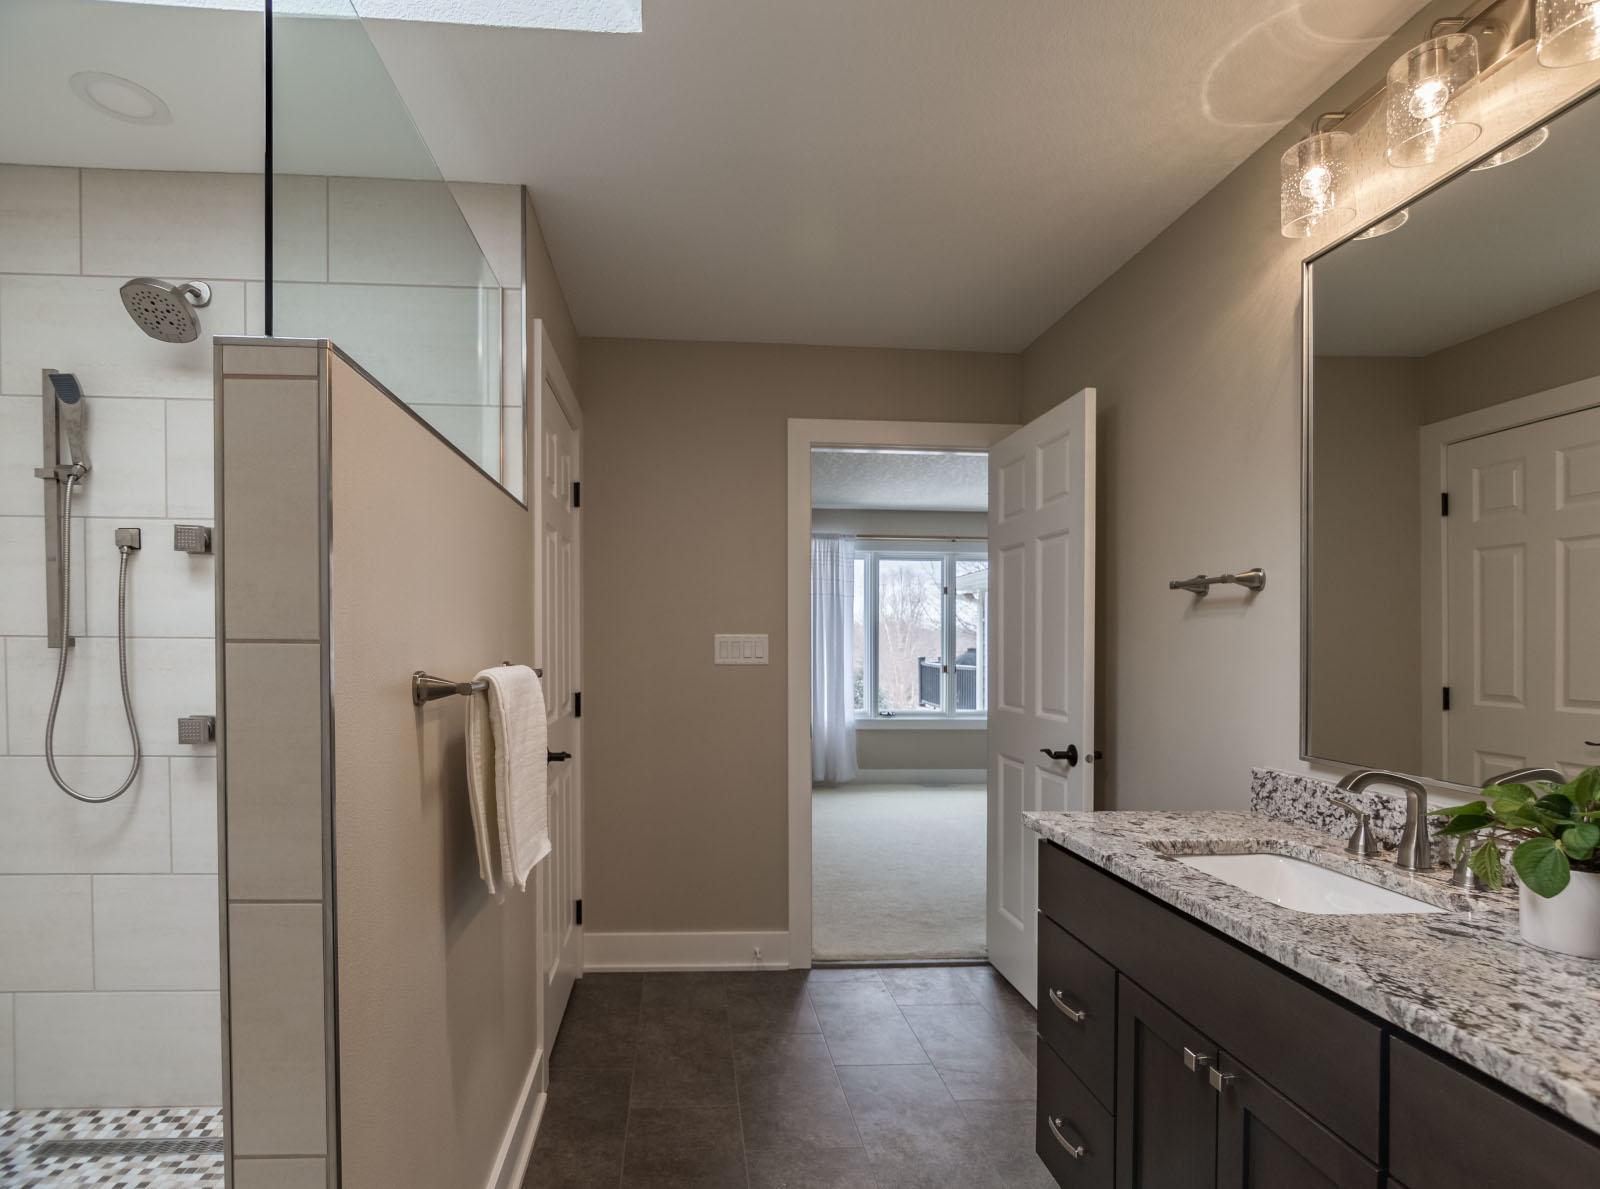 West Des Moines Master Bathroom Refresh (after)